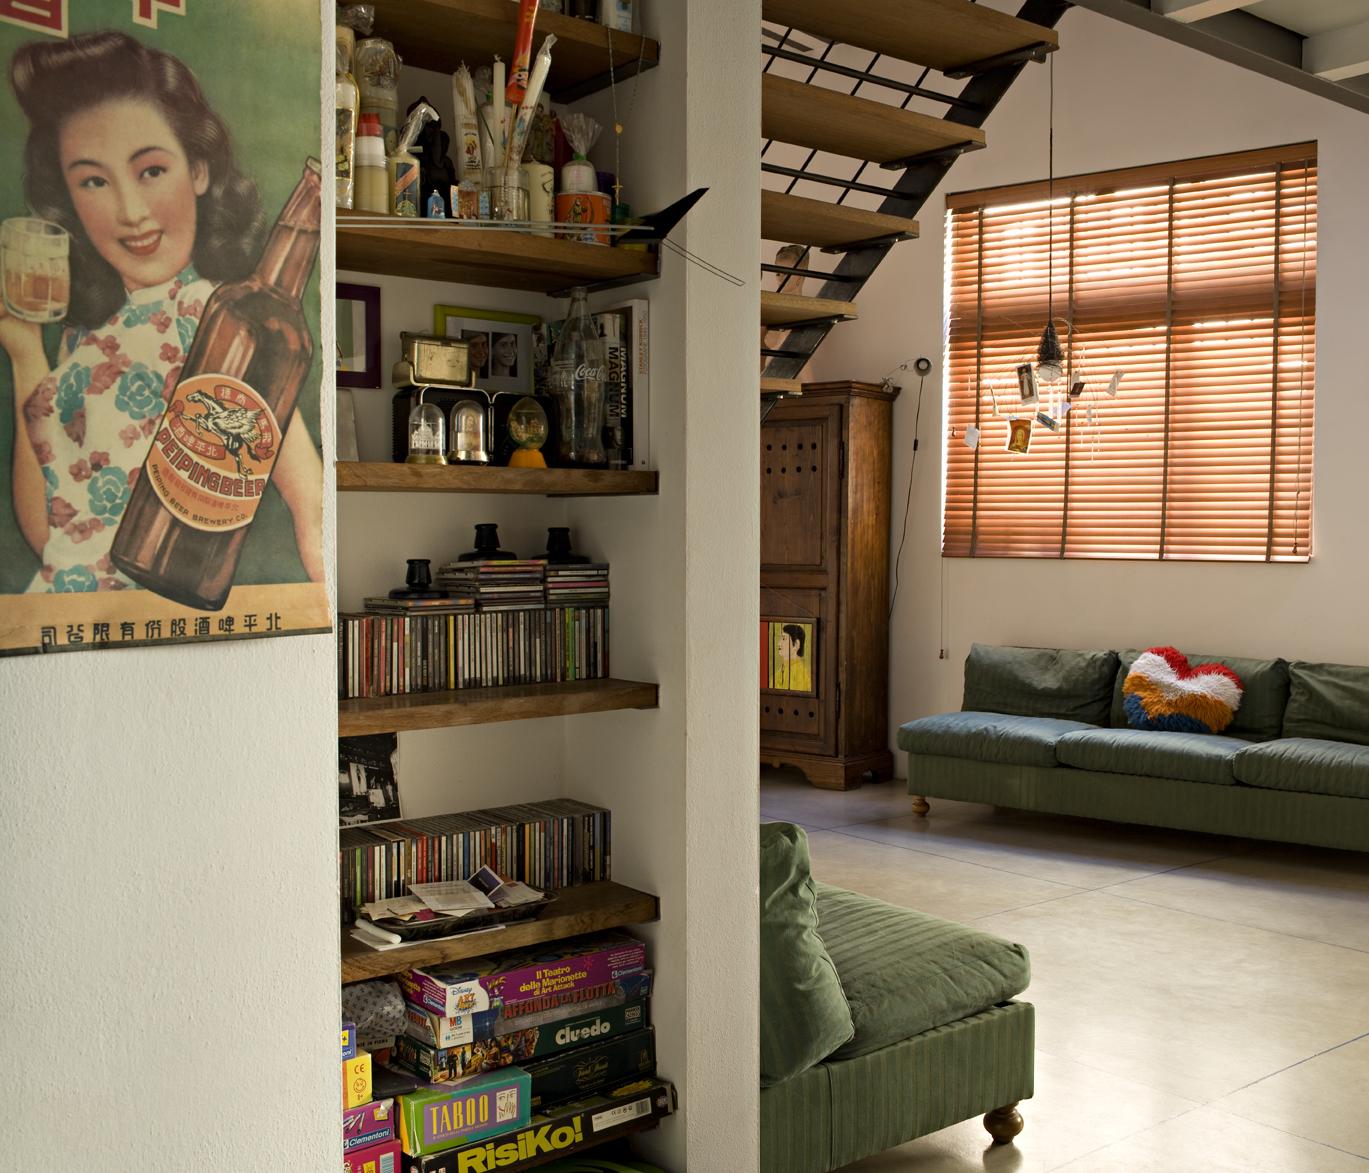 Un loft in stile vintage con soppalco casa luce Oggetti vintage per casa